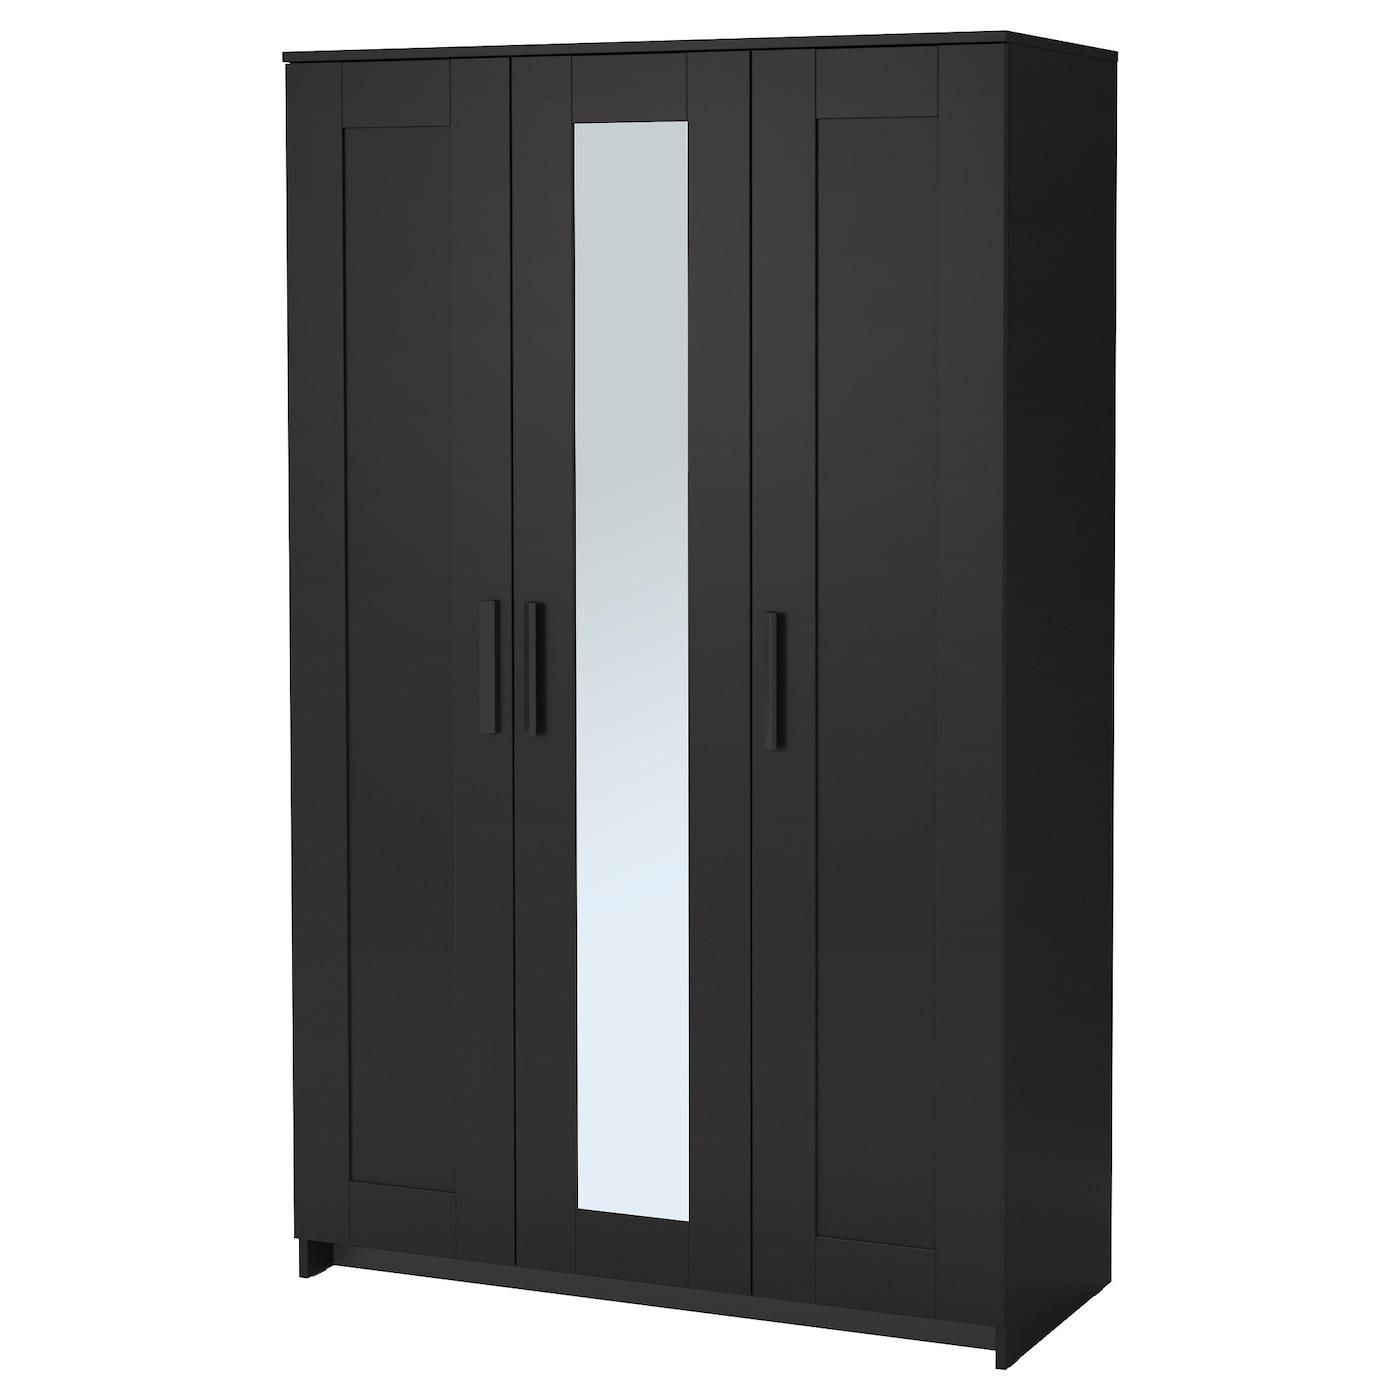 20 sparen kleiderschrank brimnes nur 119 00 cherry. Black Bedroom Furniture Sets. Home Design Ideas